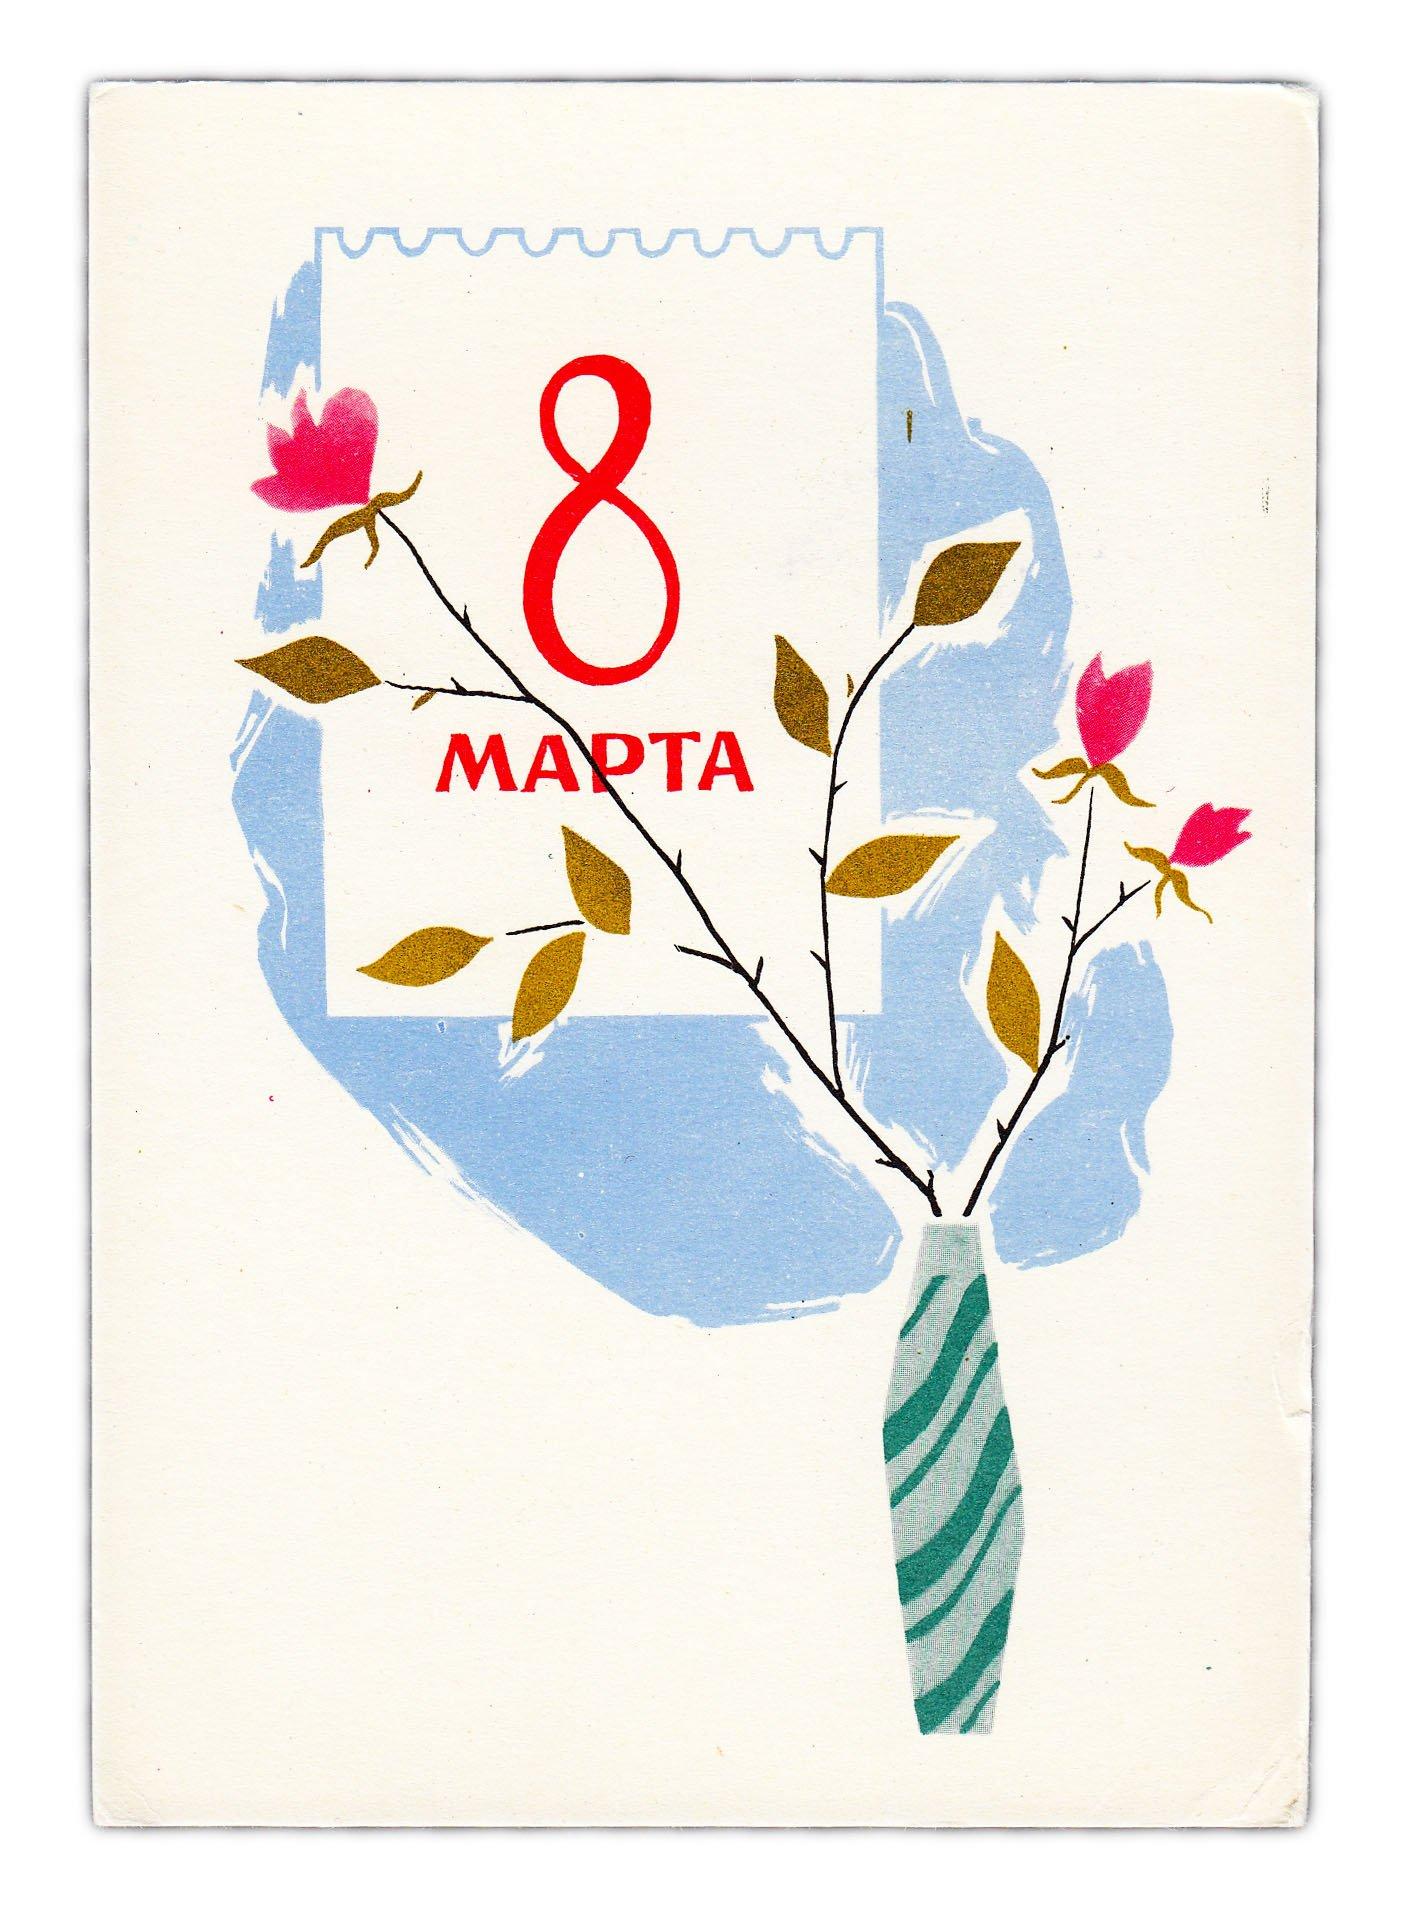 крематорий кремационный минималистичная открытка на 8 марта планета